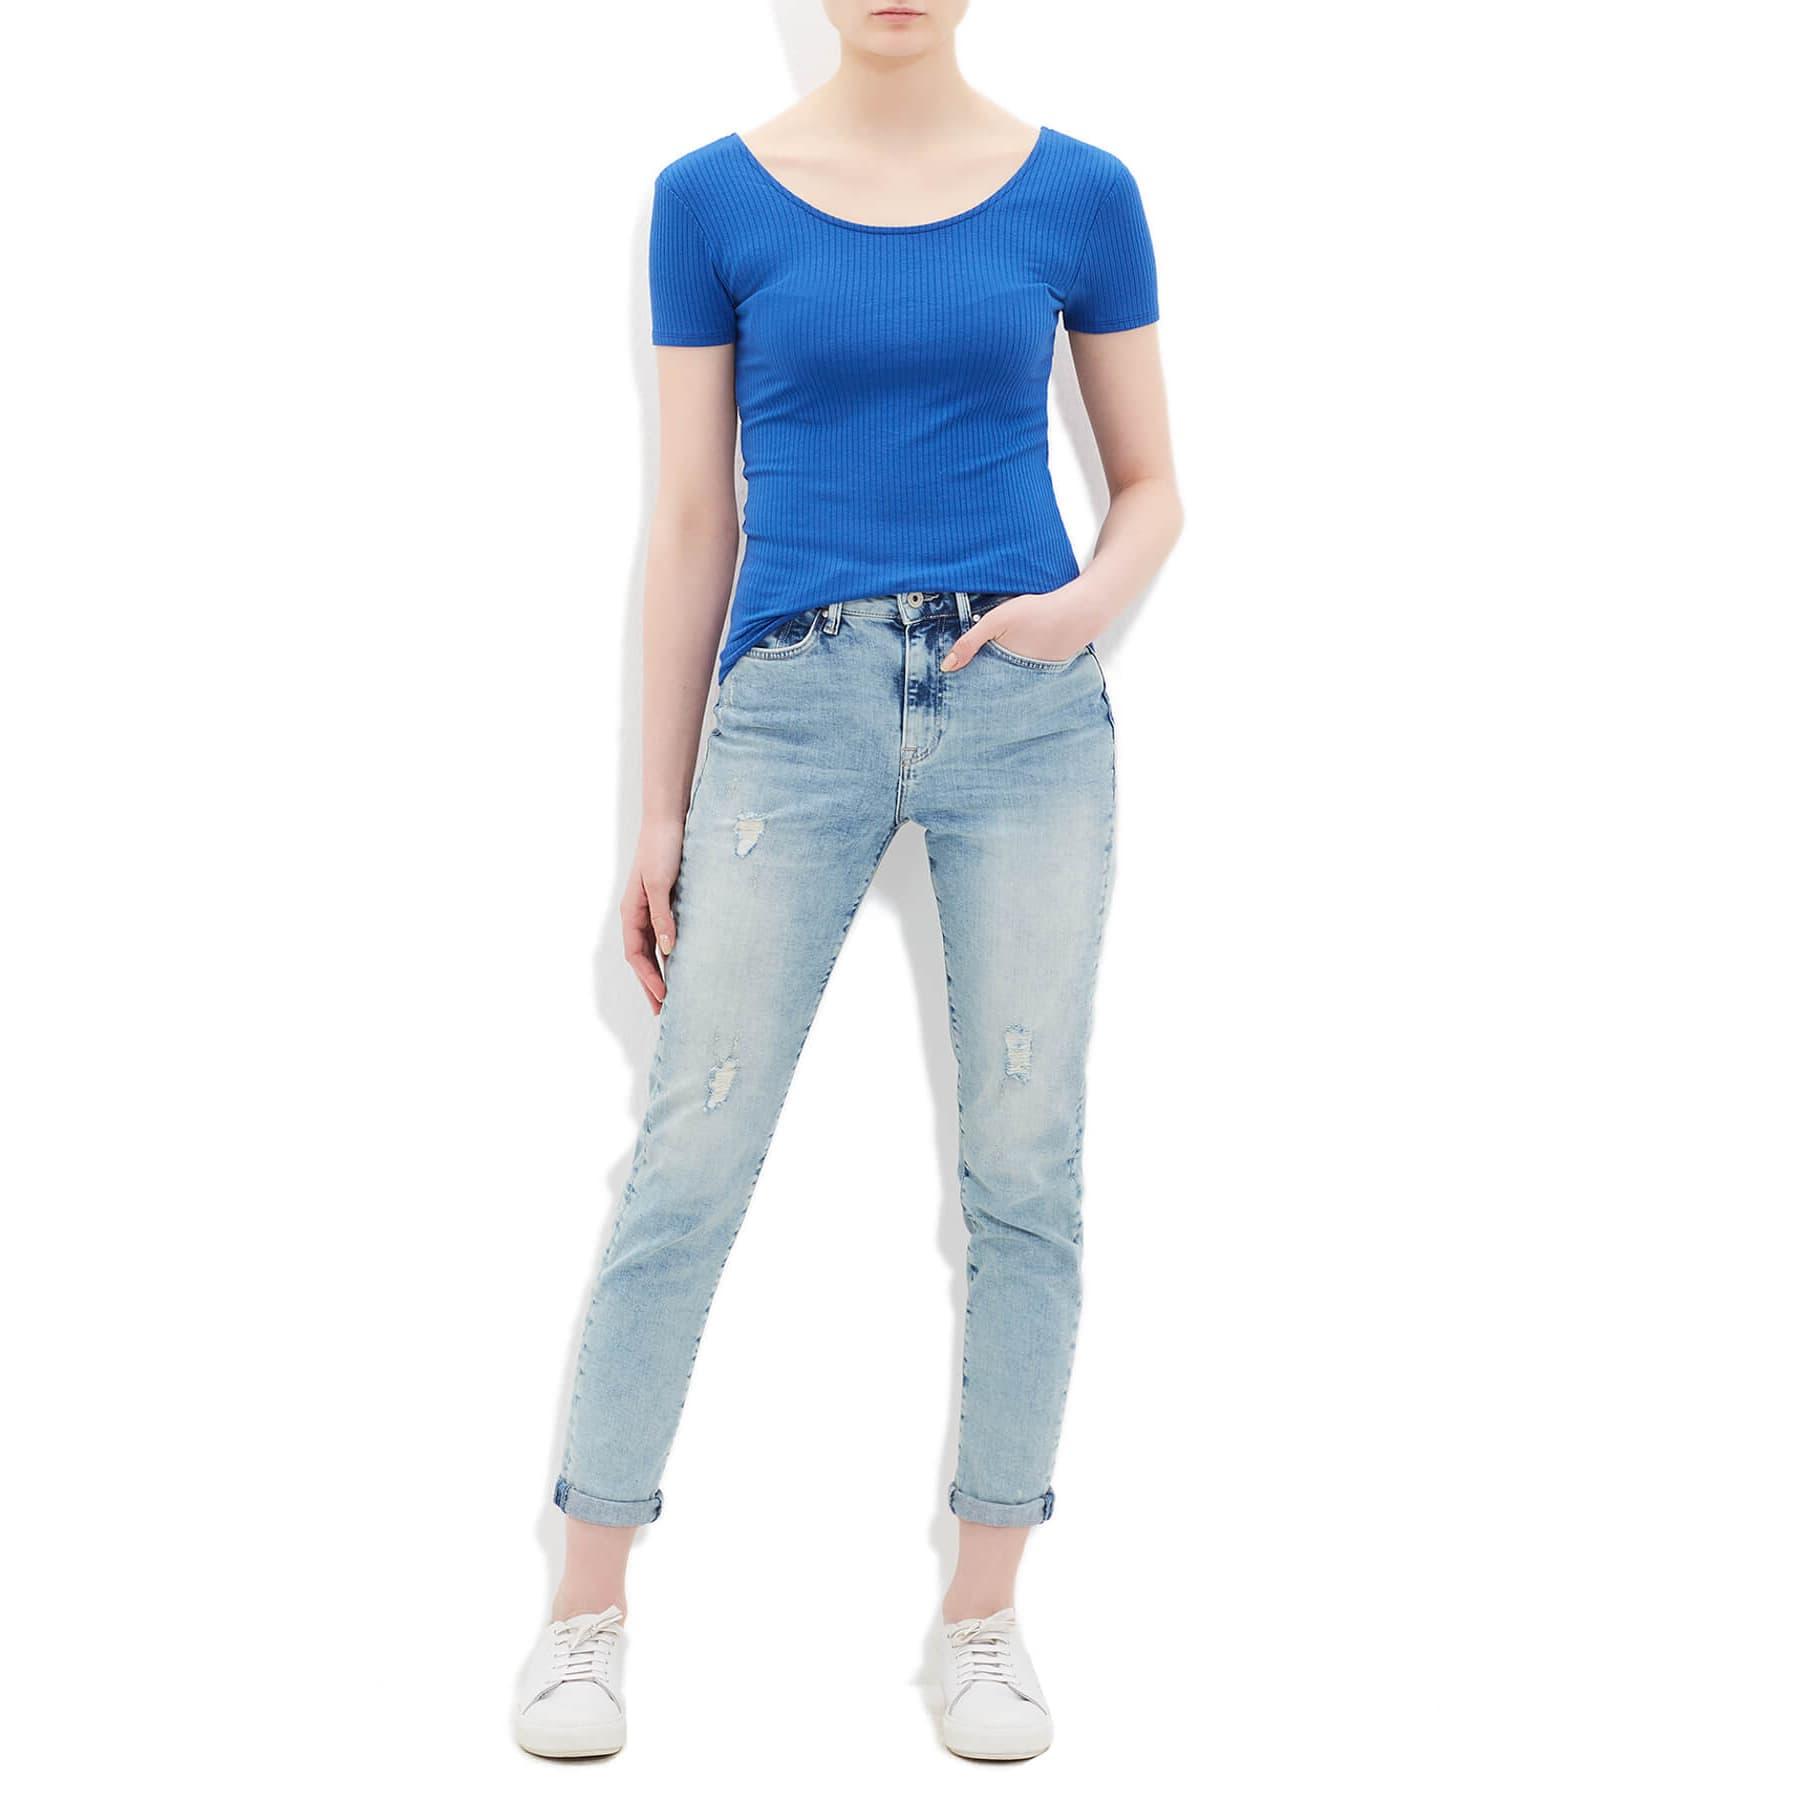 Mavi V Yaka Kadın Düz Mavi Basic Tişört